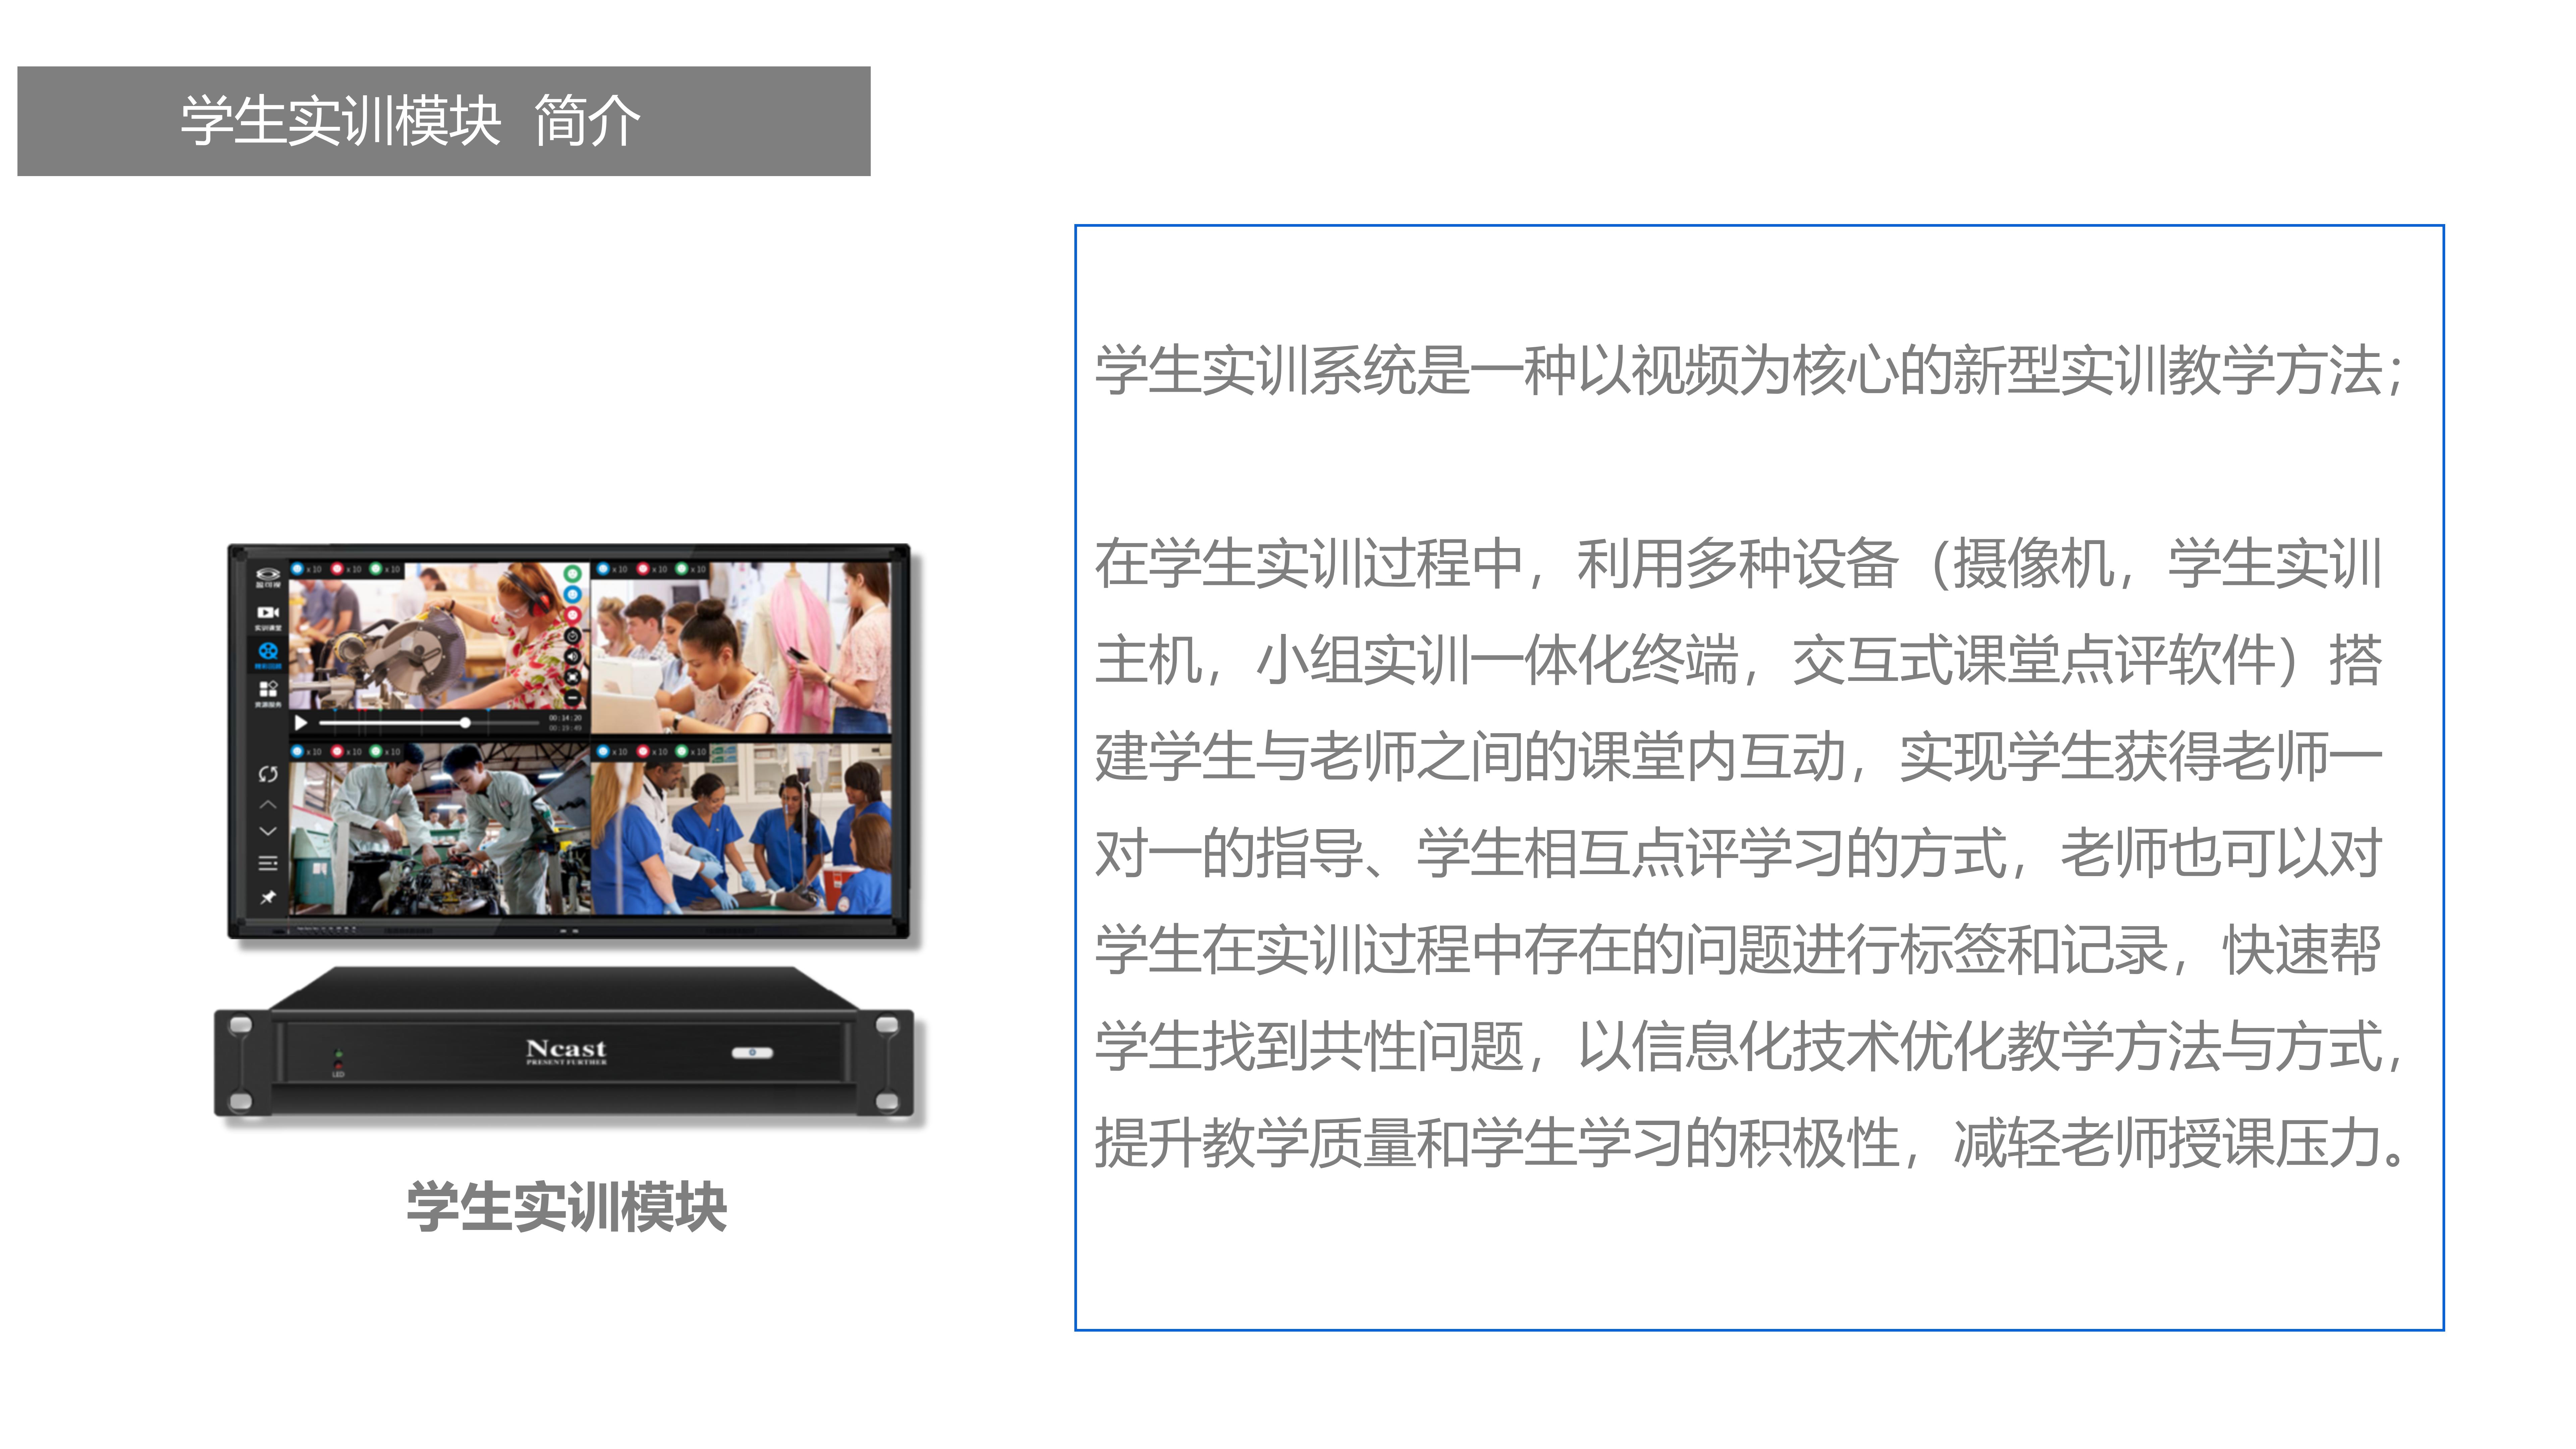 理实移动授课平台介绍2019.9.23_28